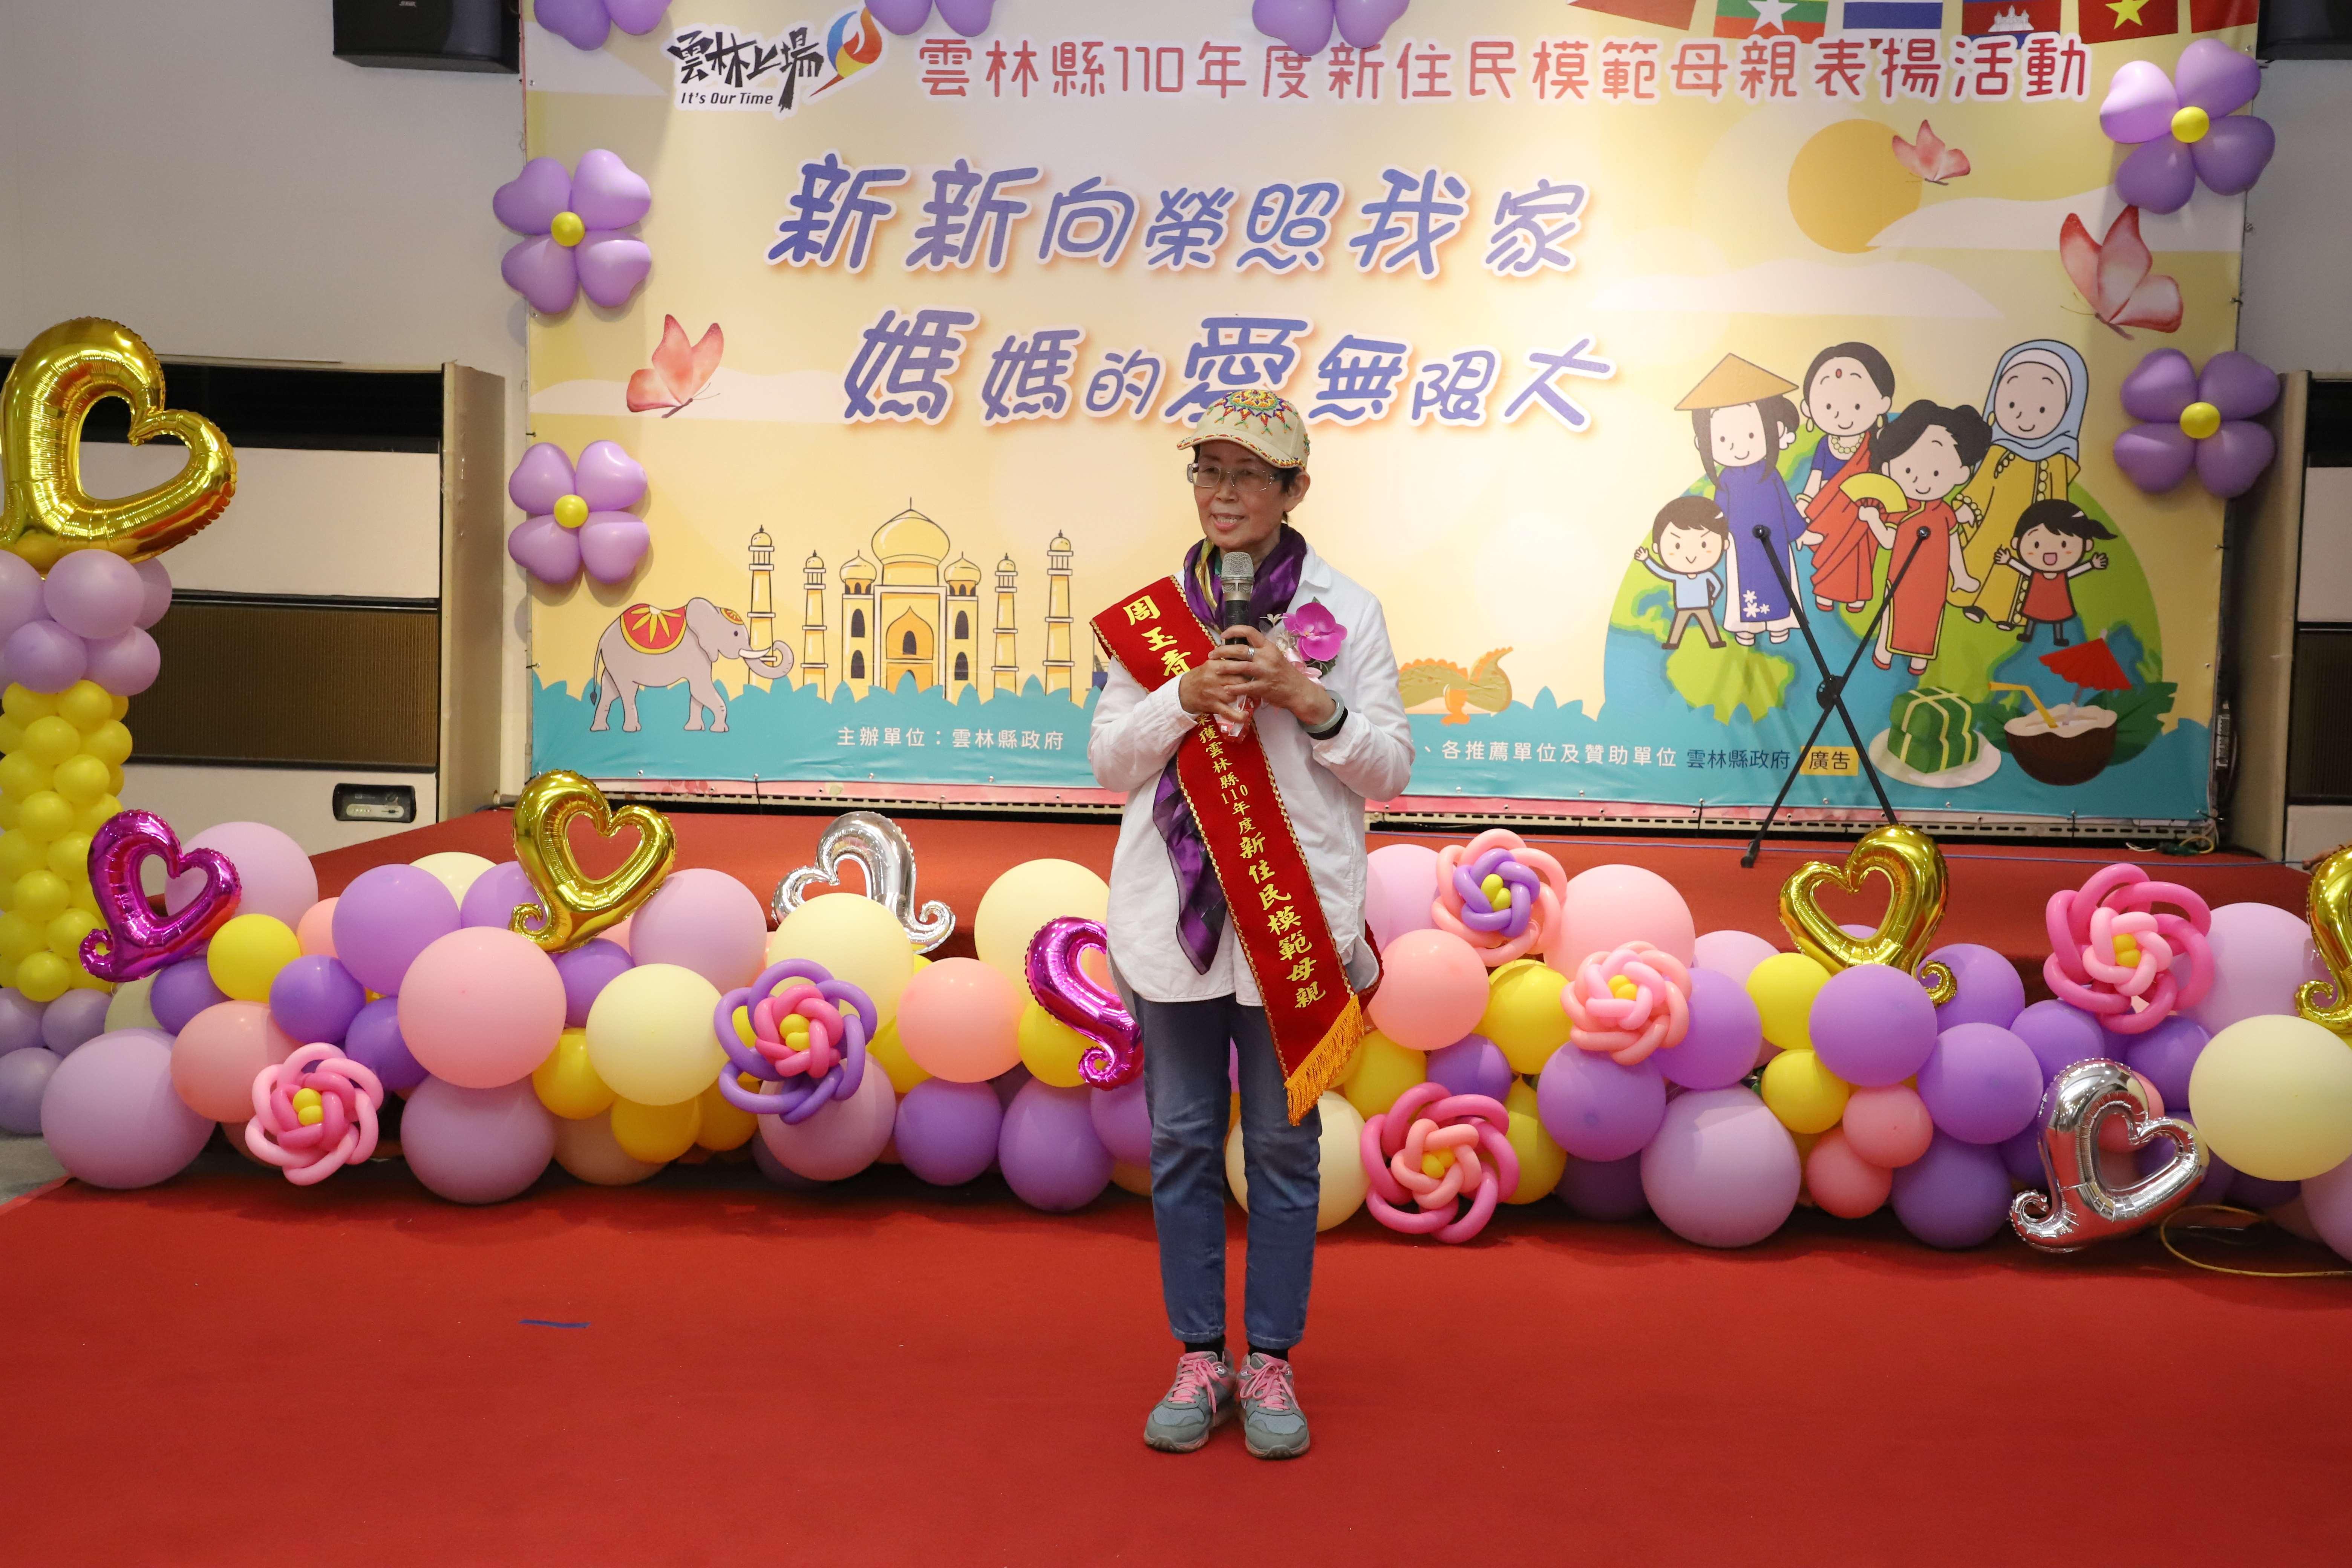 來自泰國的周玉青感謝張縣長及縣府的用心,讓新住民有所依靠。